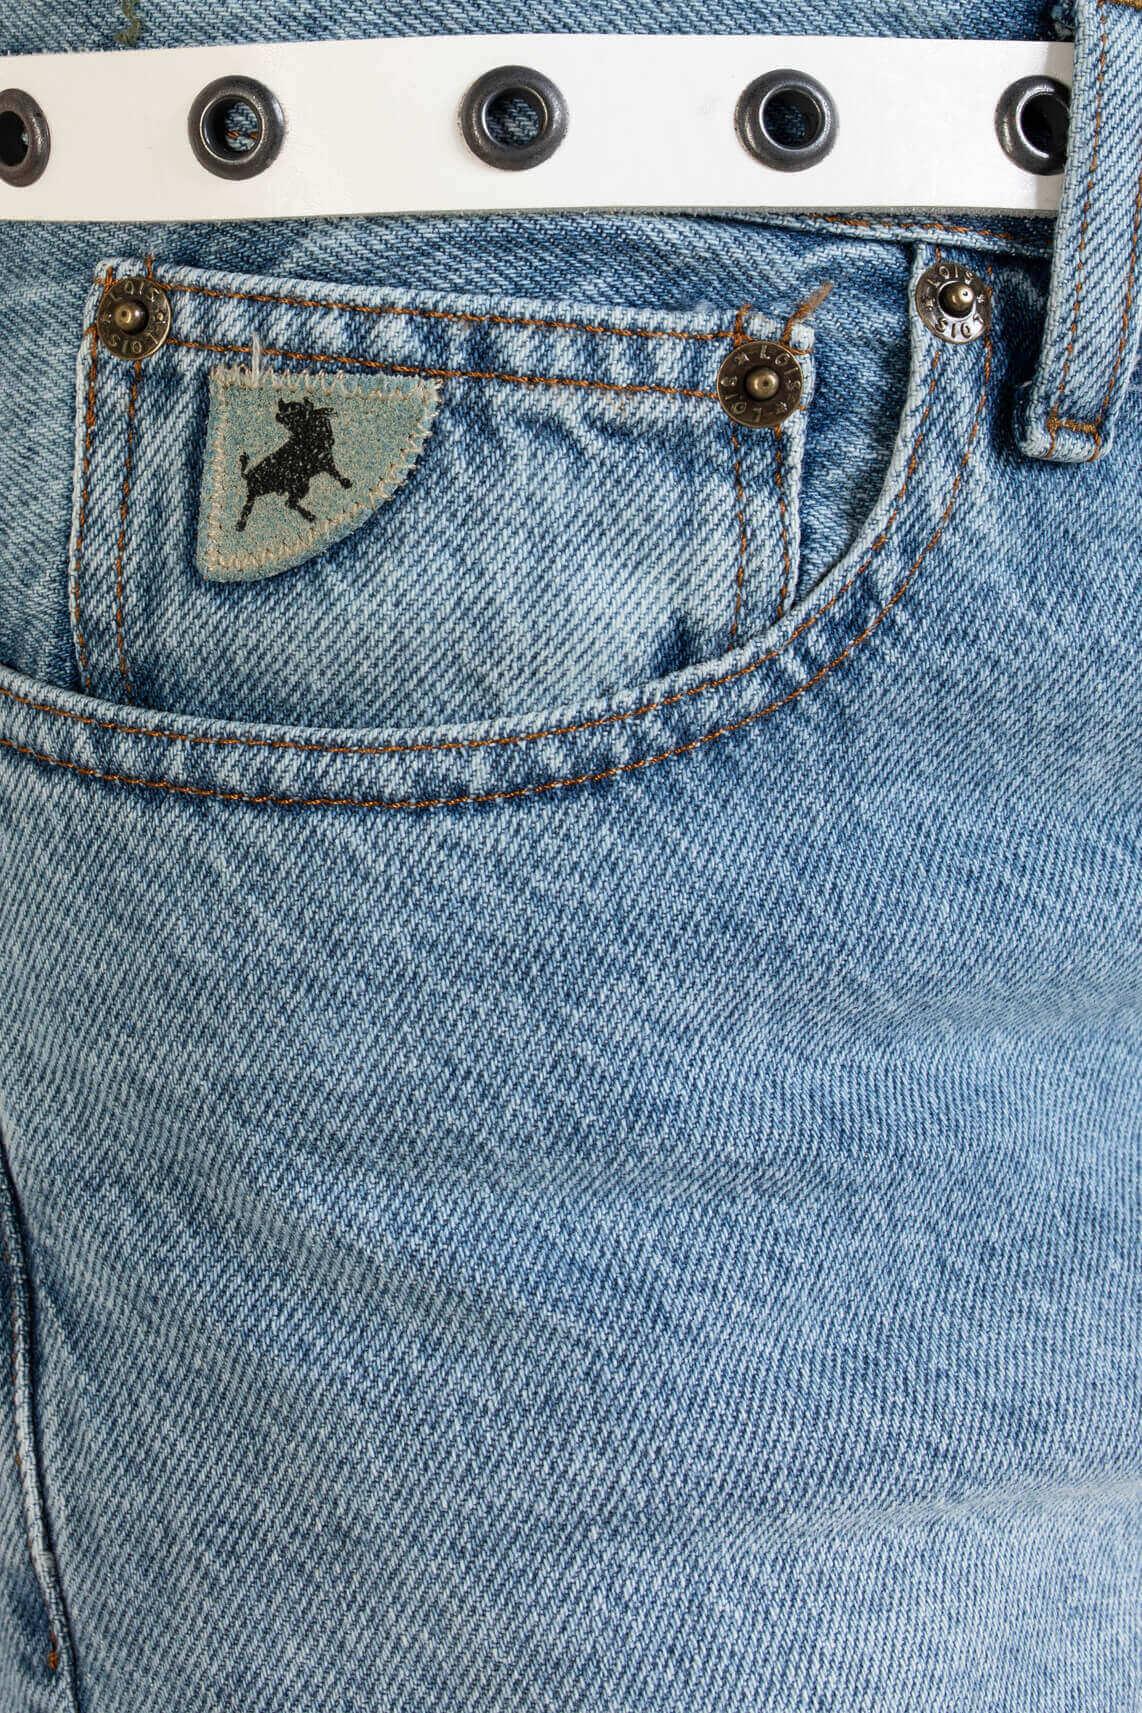 Lois Dames Dana jeans Grijs